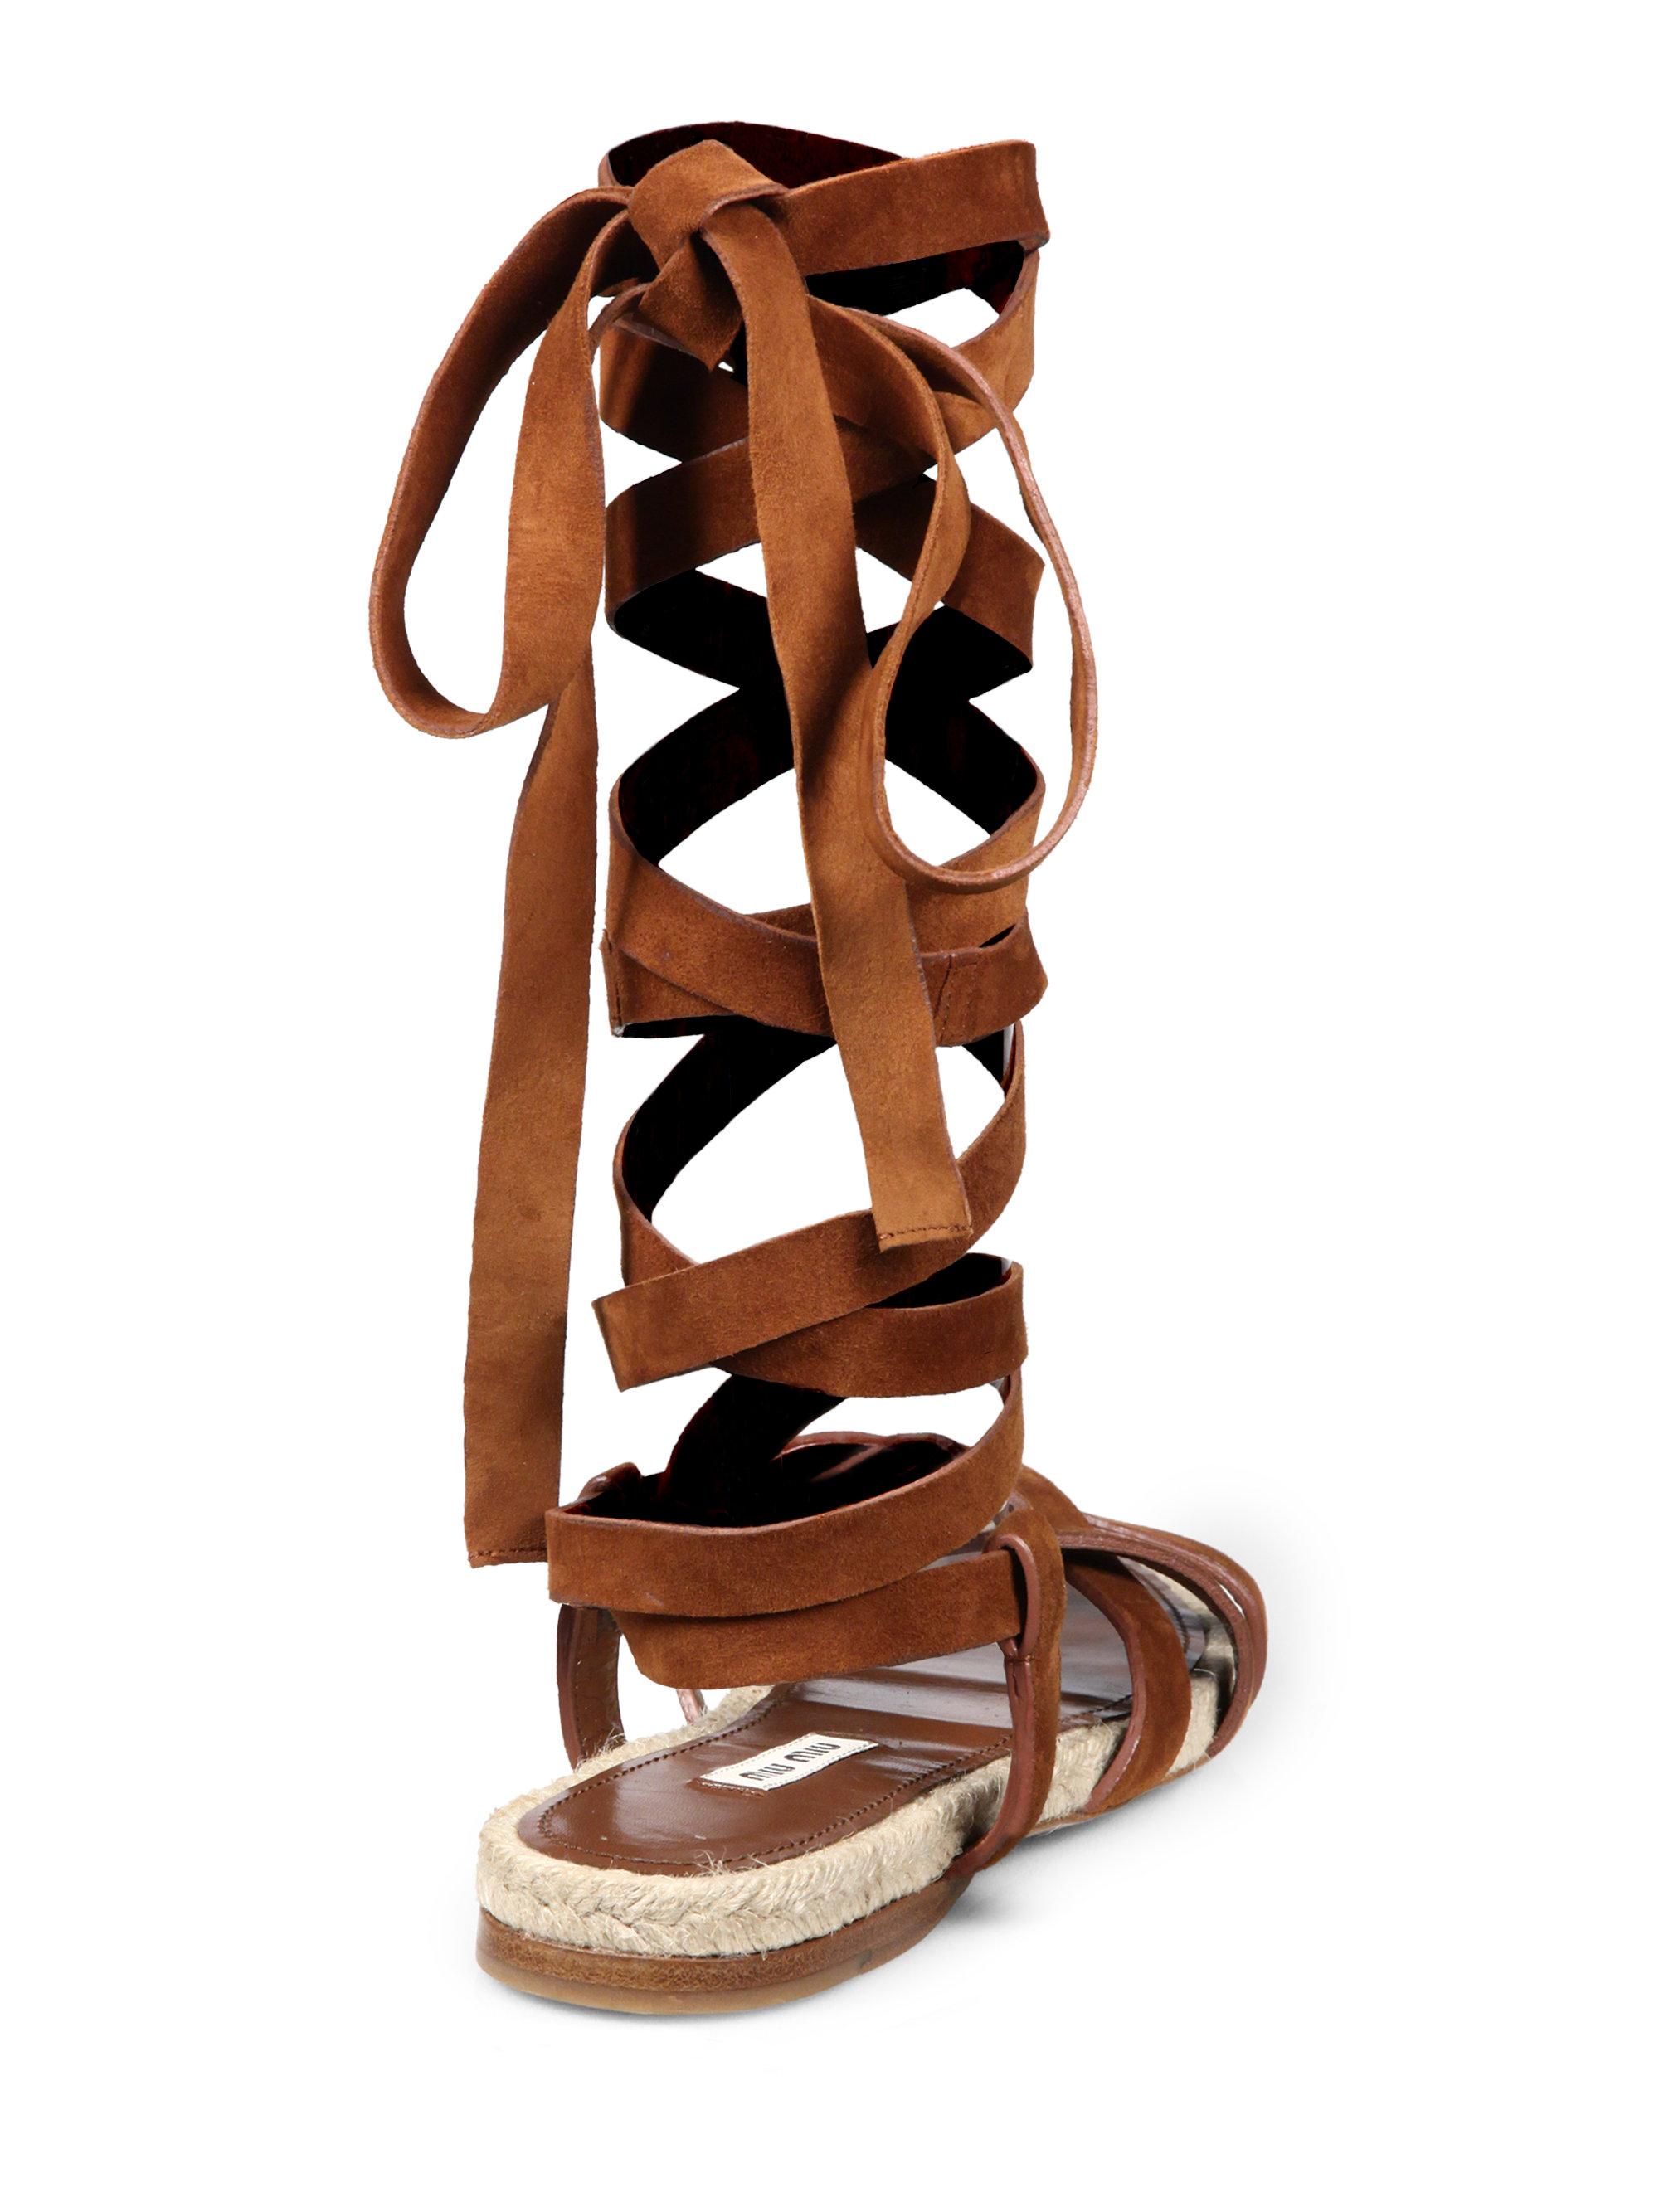 d9cd0870a69 Lyst - Miu Miu Suede   Espadrille Lace-up Flat Sandals in Brown